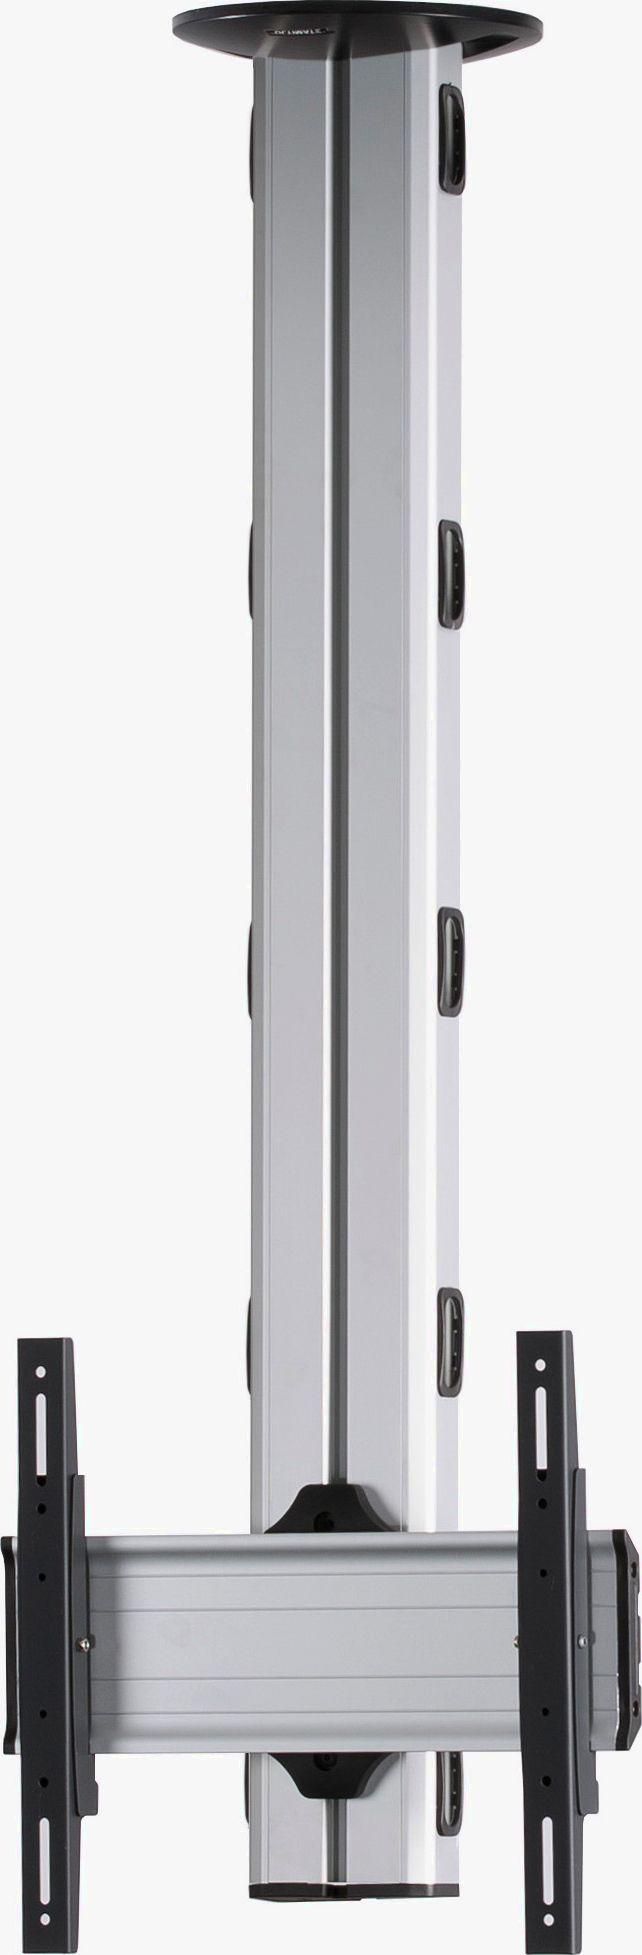 1 Display 1×1, Höhe 135 cm, Standard-VESA, zur Deckenbefestigung